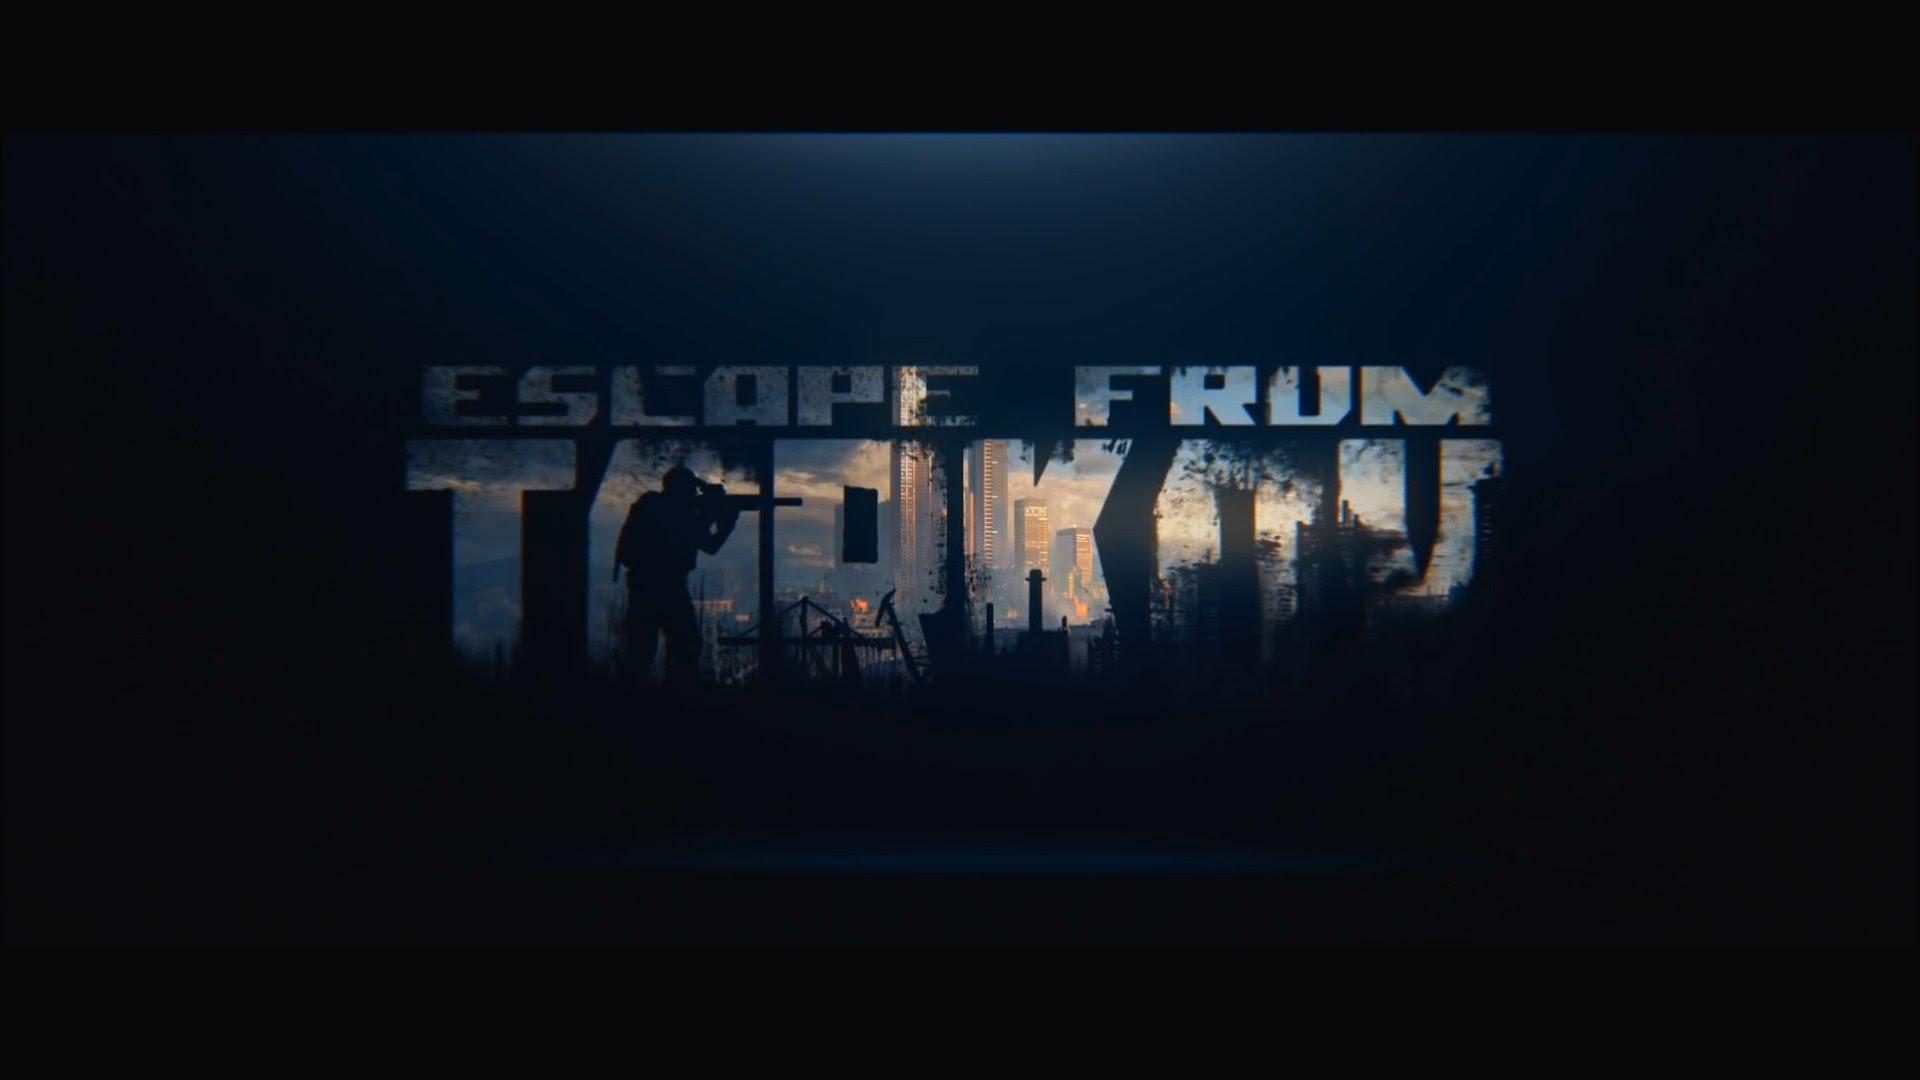 Escape from tarkov survarium menu music addon s t a l k e r call of chernobyl mod for s t - Escape from tarkov wallpaper ...